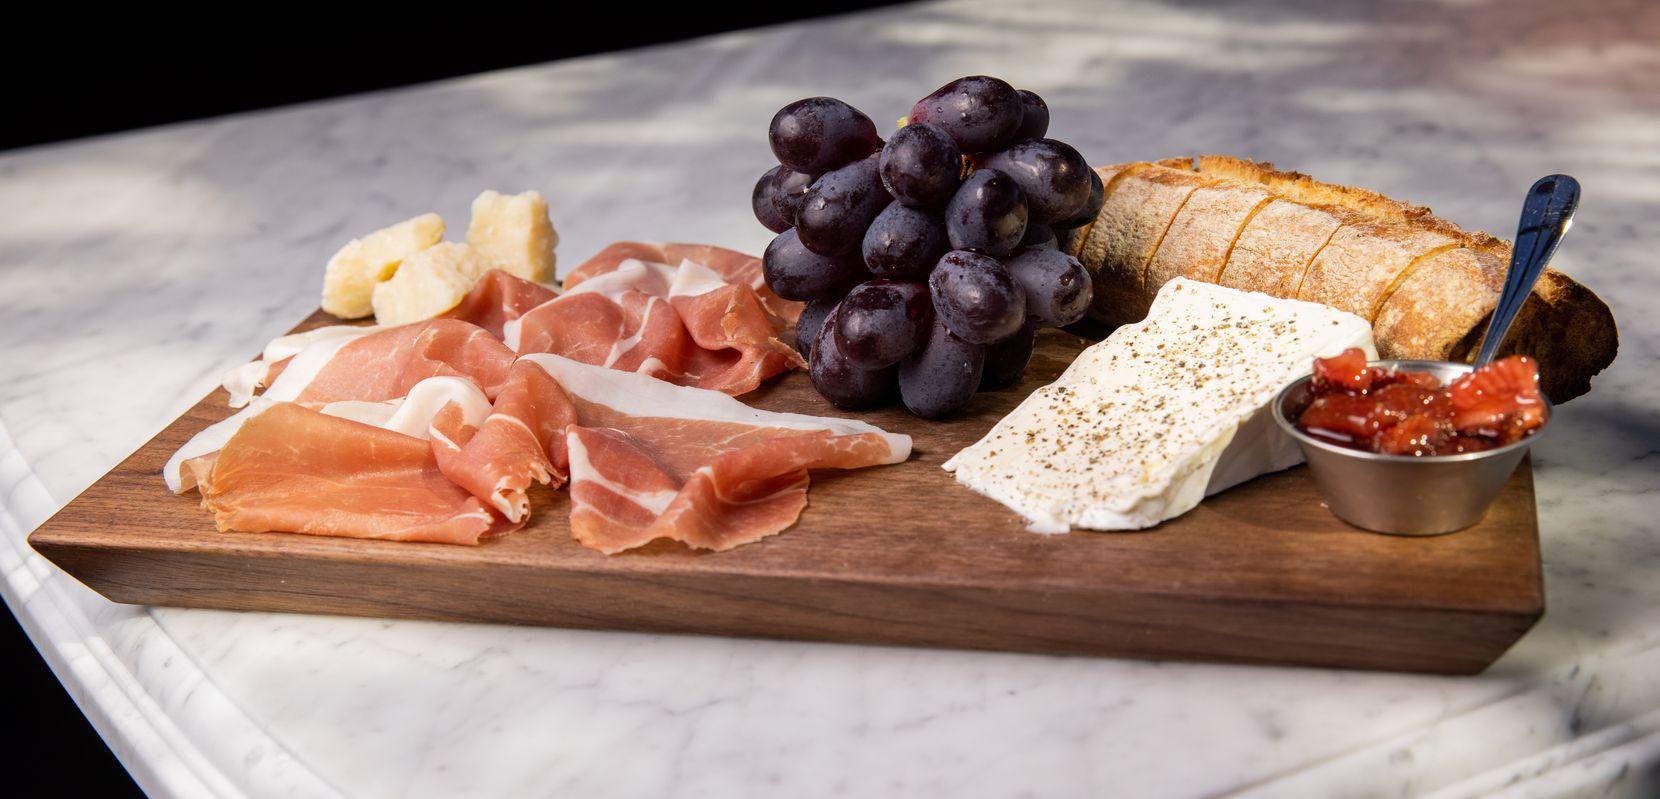 Prosciutto and délice board